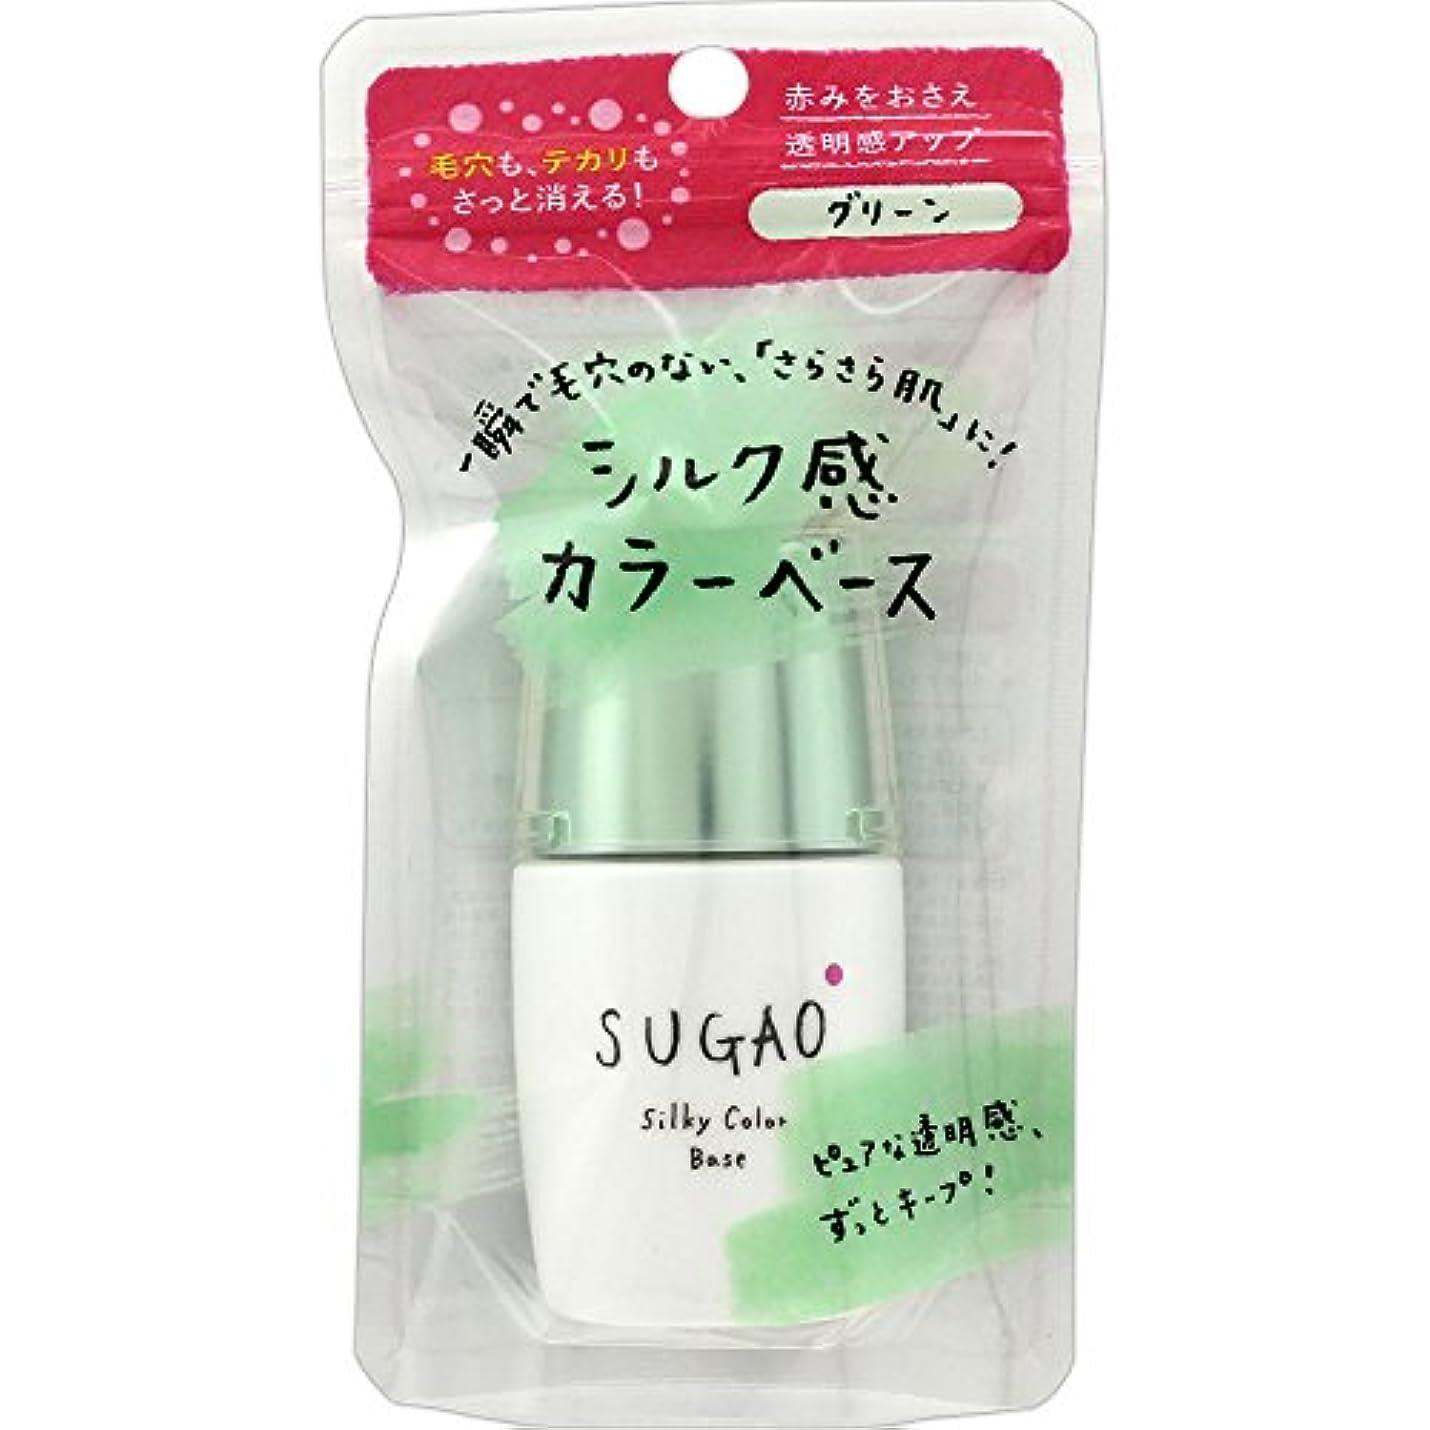 シンジケート殺します勘違いするスガオ (SUGAO) シルク感カラーベース グリーン SPF20 PA+++ 20mL